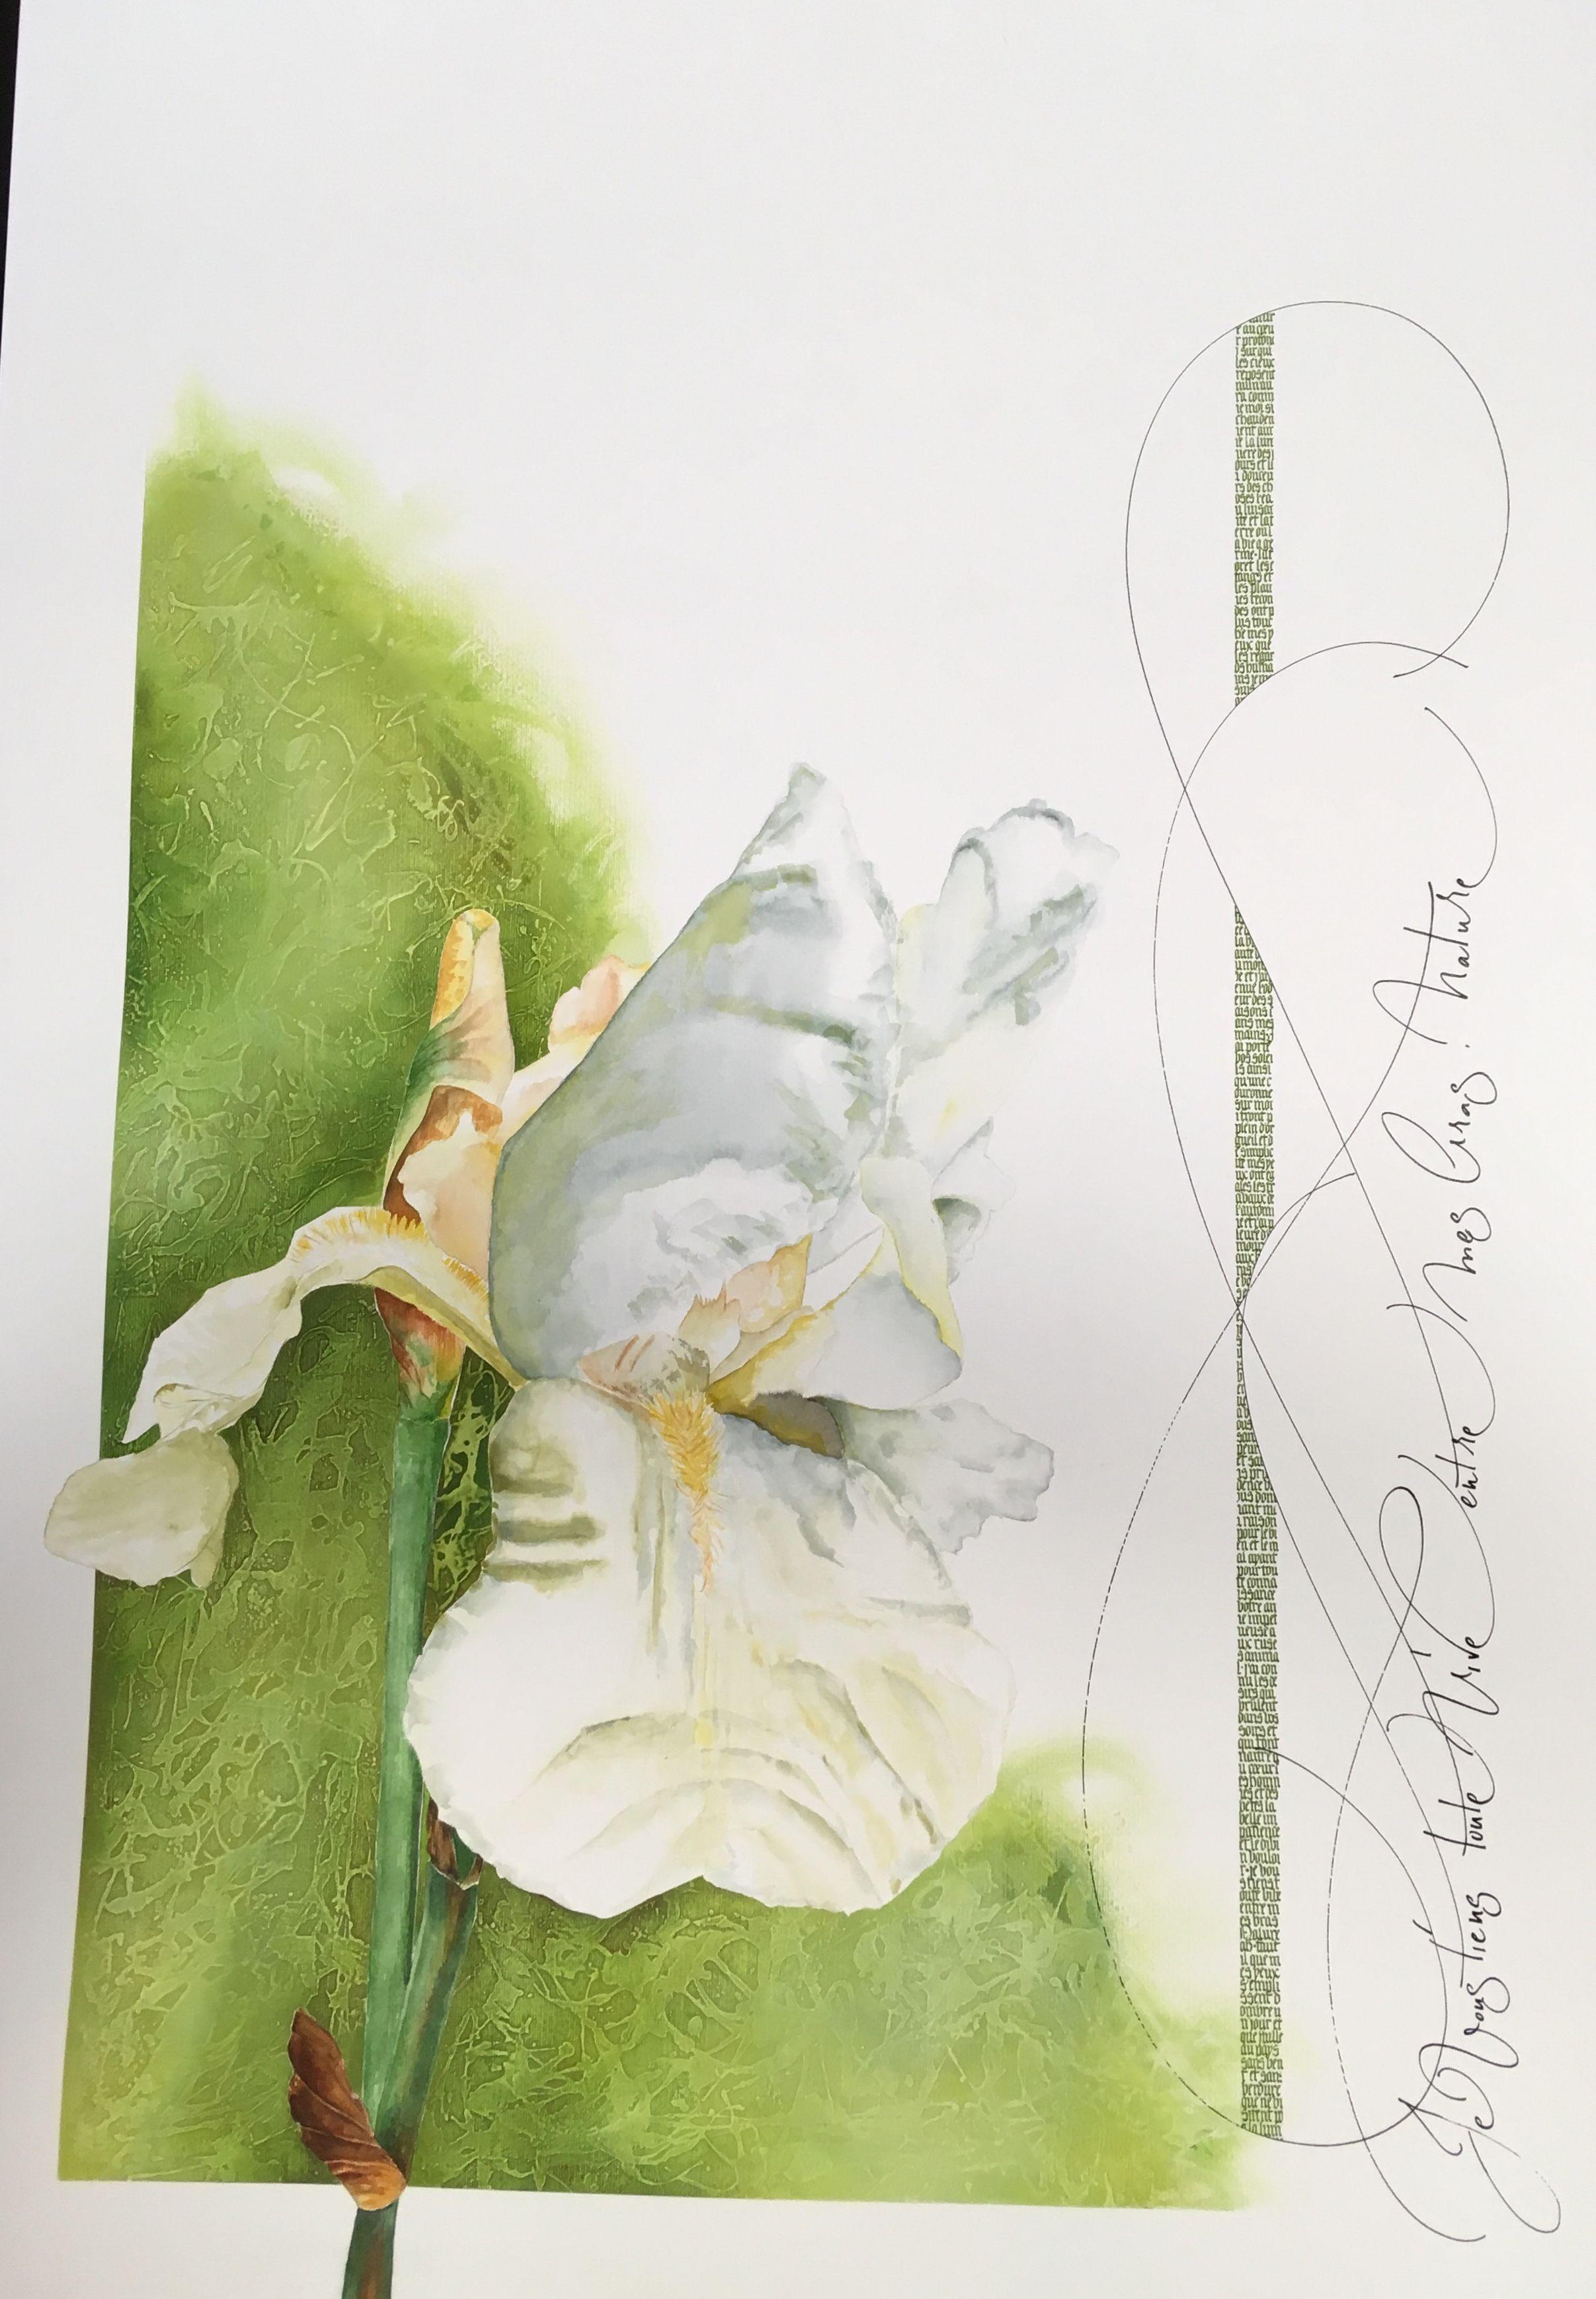 Iris Et Calligraphie 70x100 Cm Aquarelle Et Acrylique